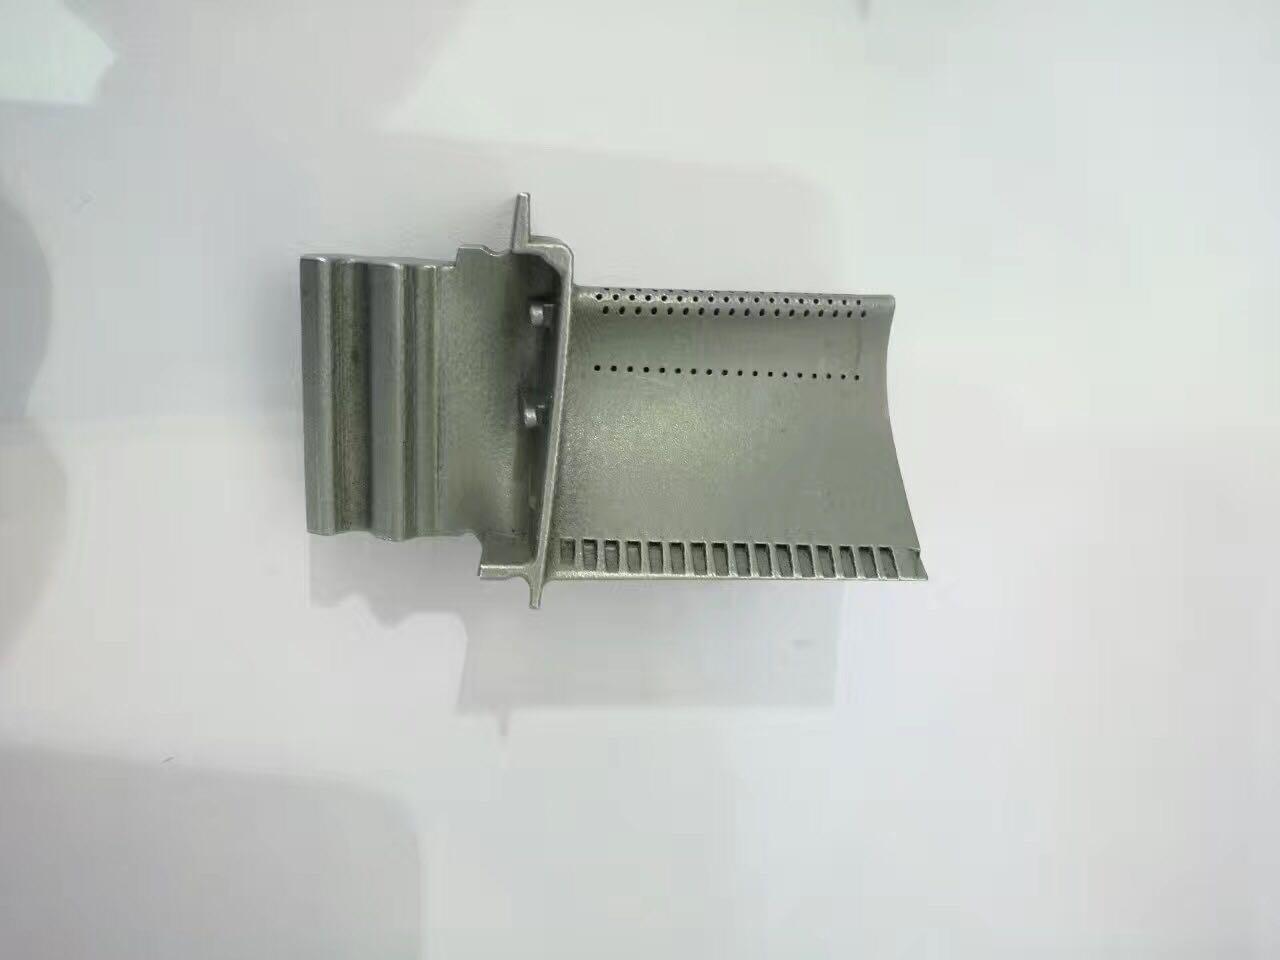 来自郭**发布的供应信息:石头科技根据用户提供的三维模型图打印出实... - 鲁班科技(3D打印服务)